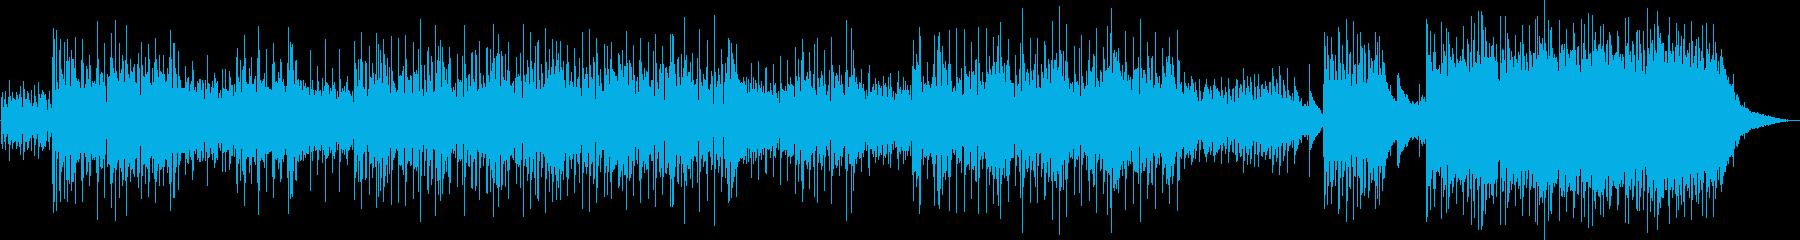 ポップロック。の再生済みの波形